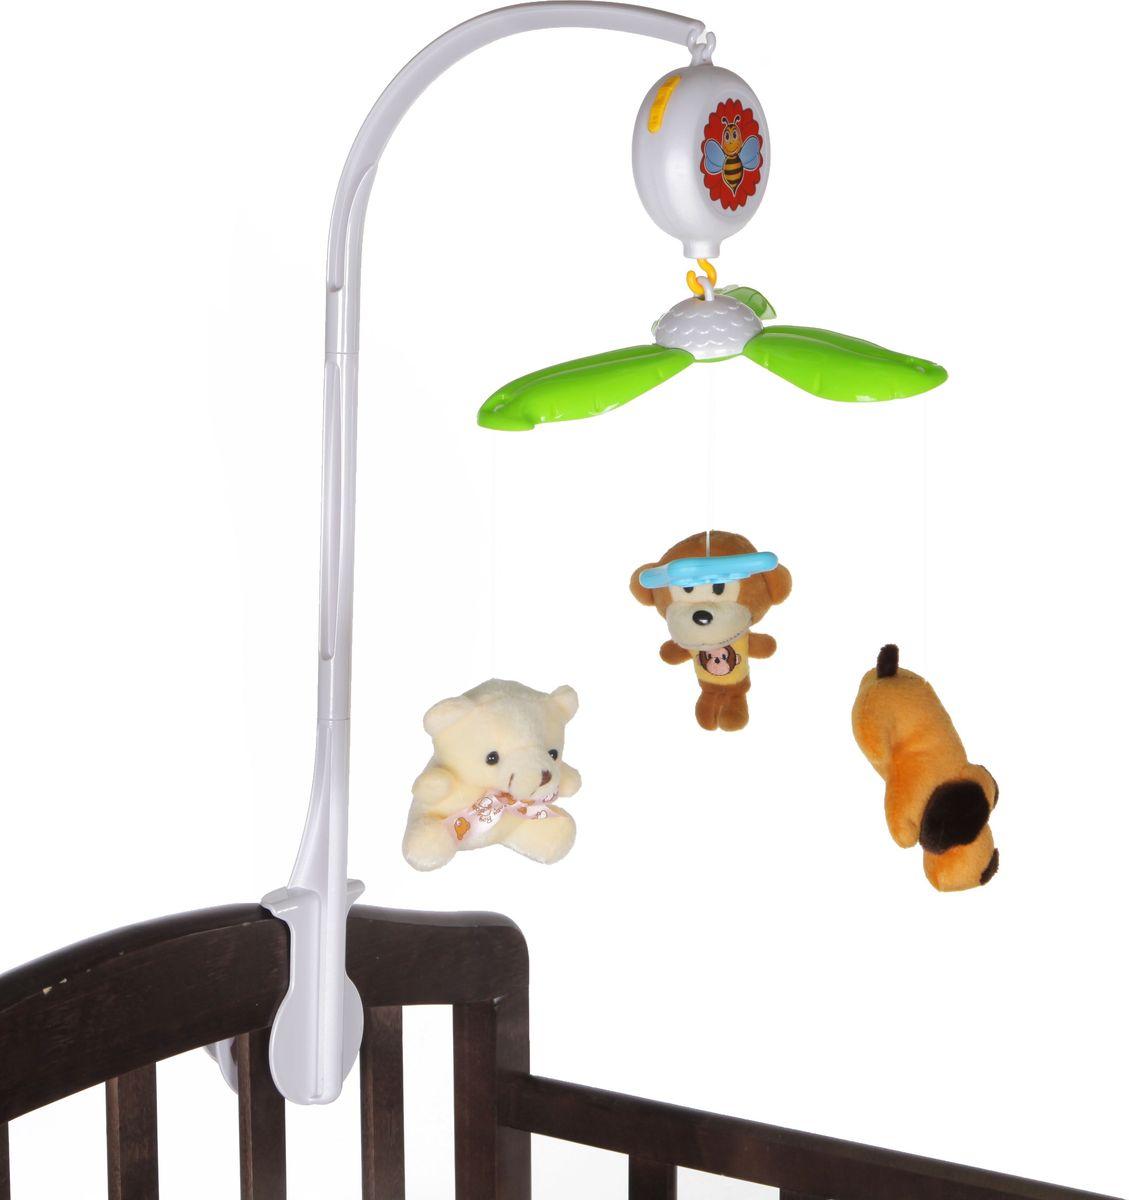 Yako Музыкальный мобиль 6611B-1 - Игрушки для малышей